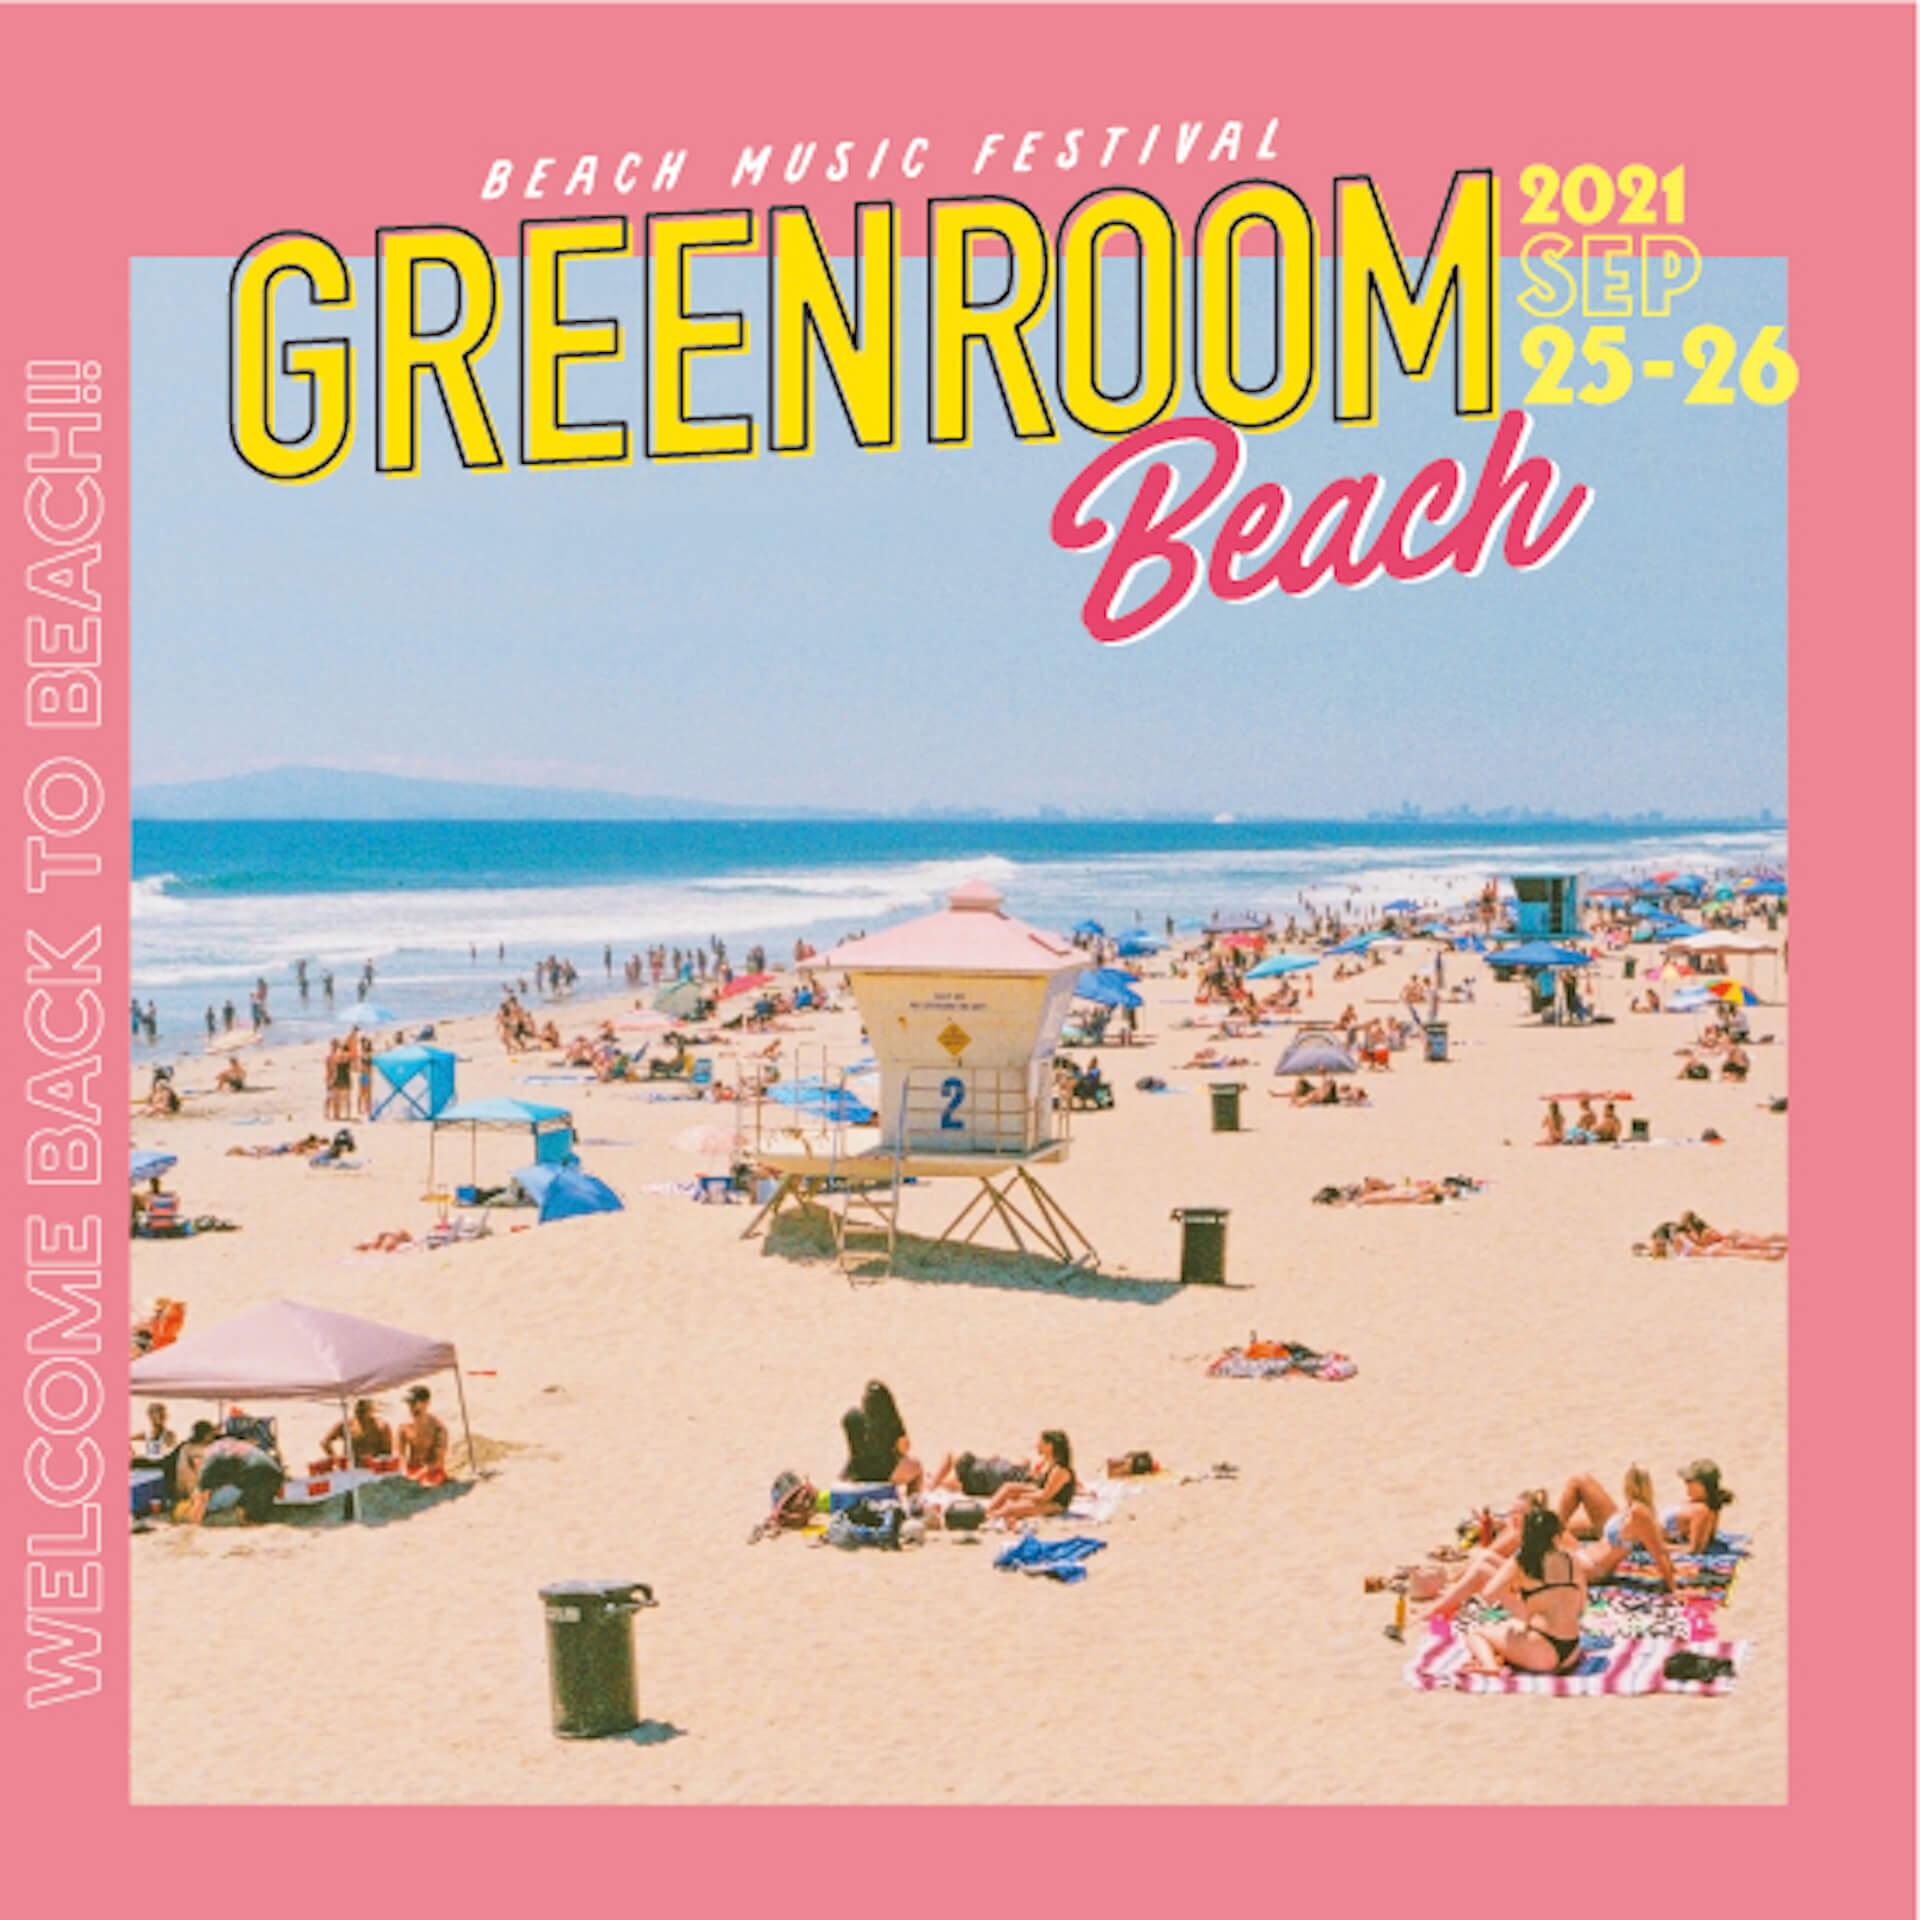 今年初開催の<GREENROOM BEACH>が中止を発表 チケット購入者全員に払い戻しも実施へ music210913_greenroombeach_main